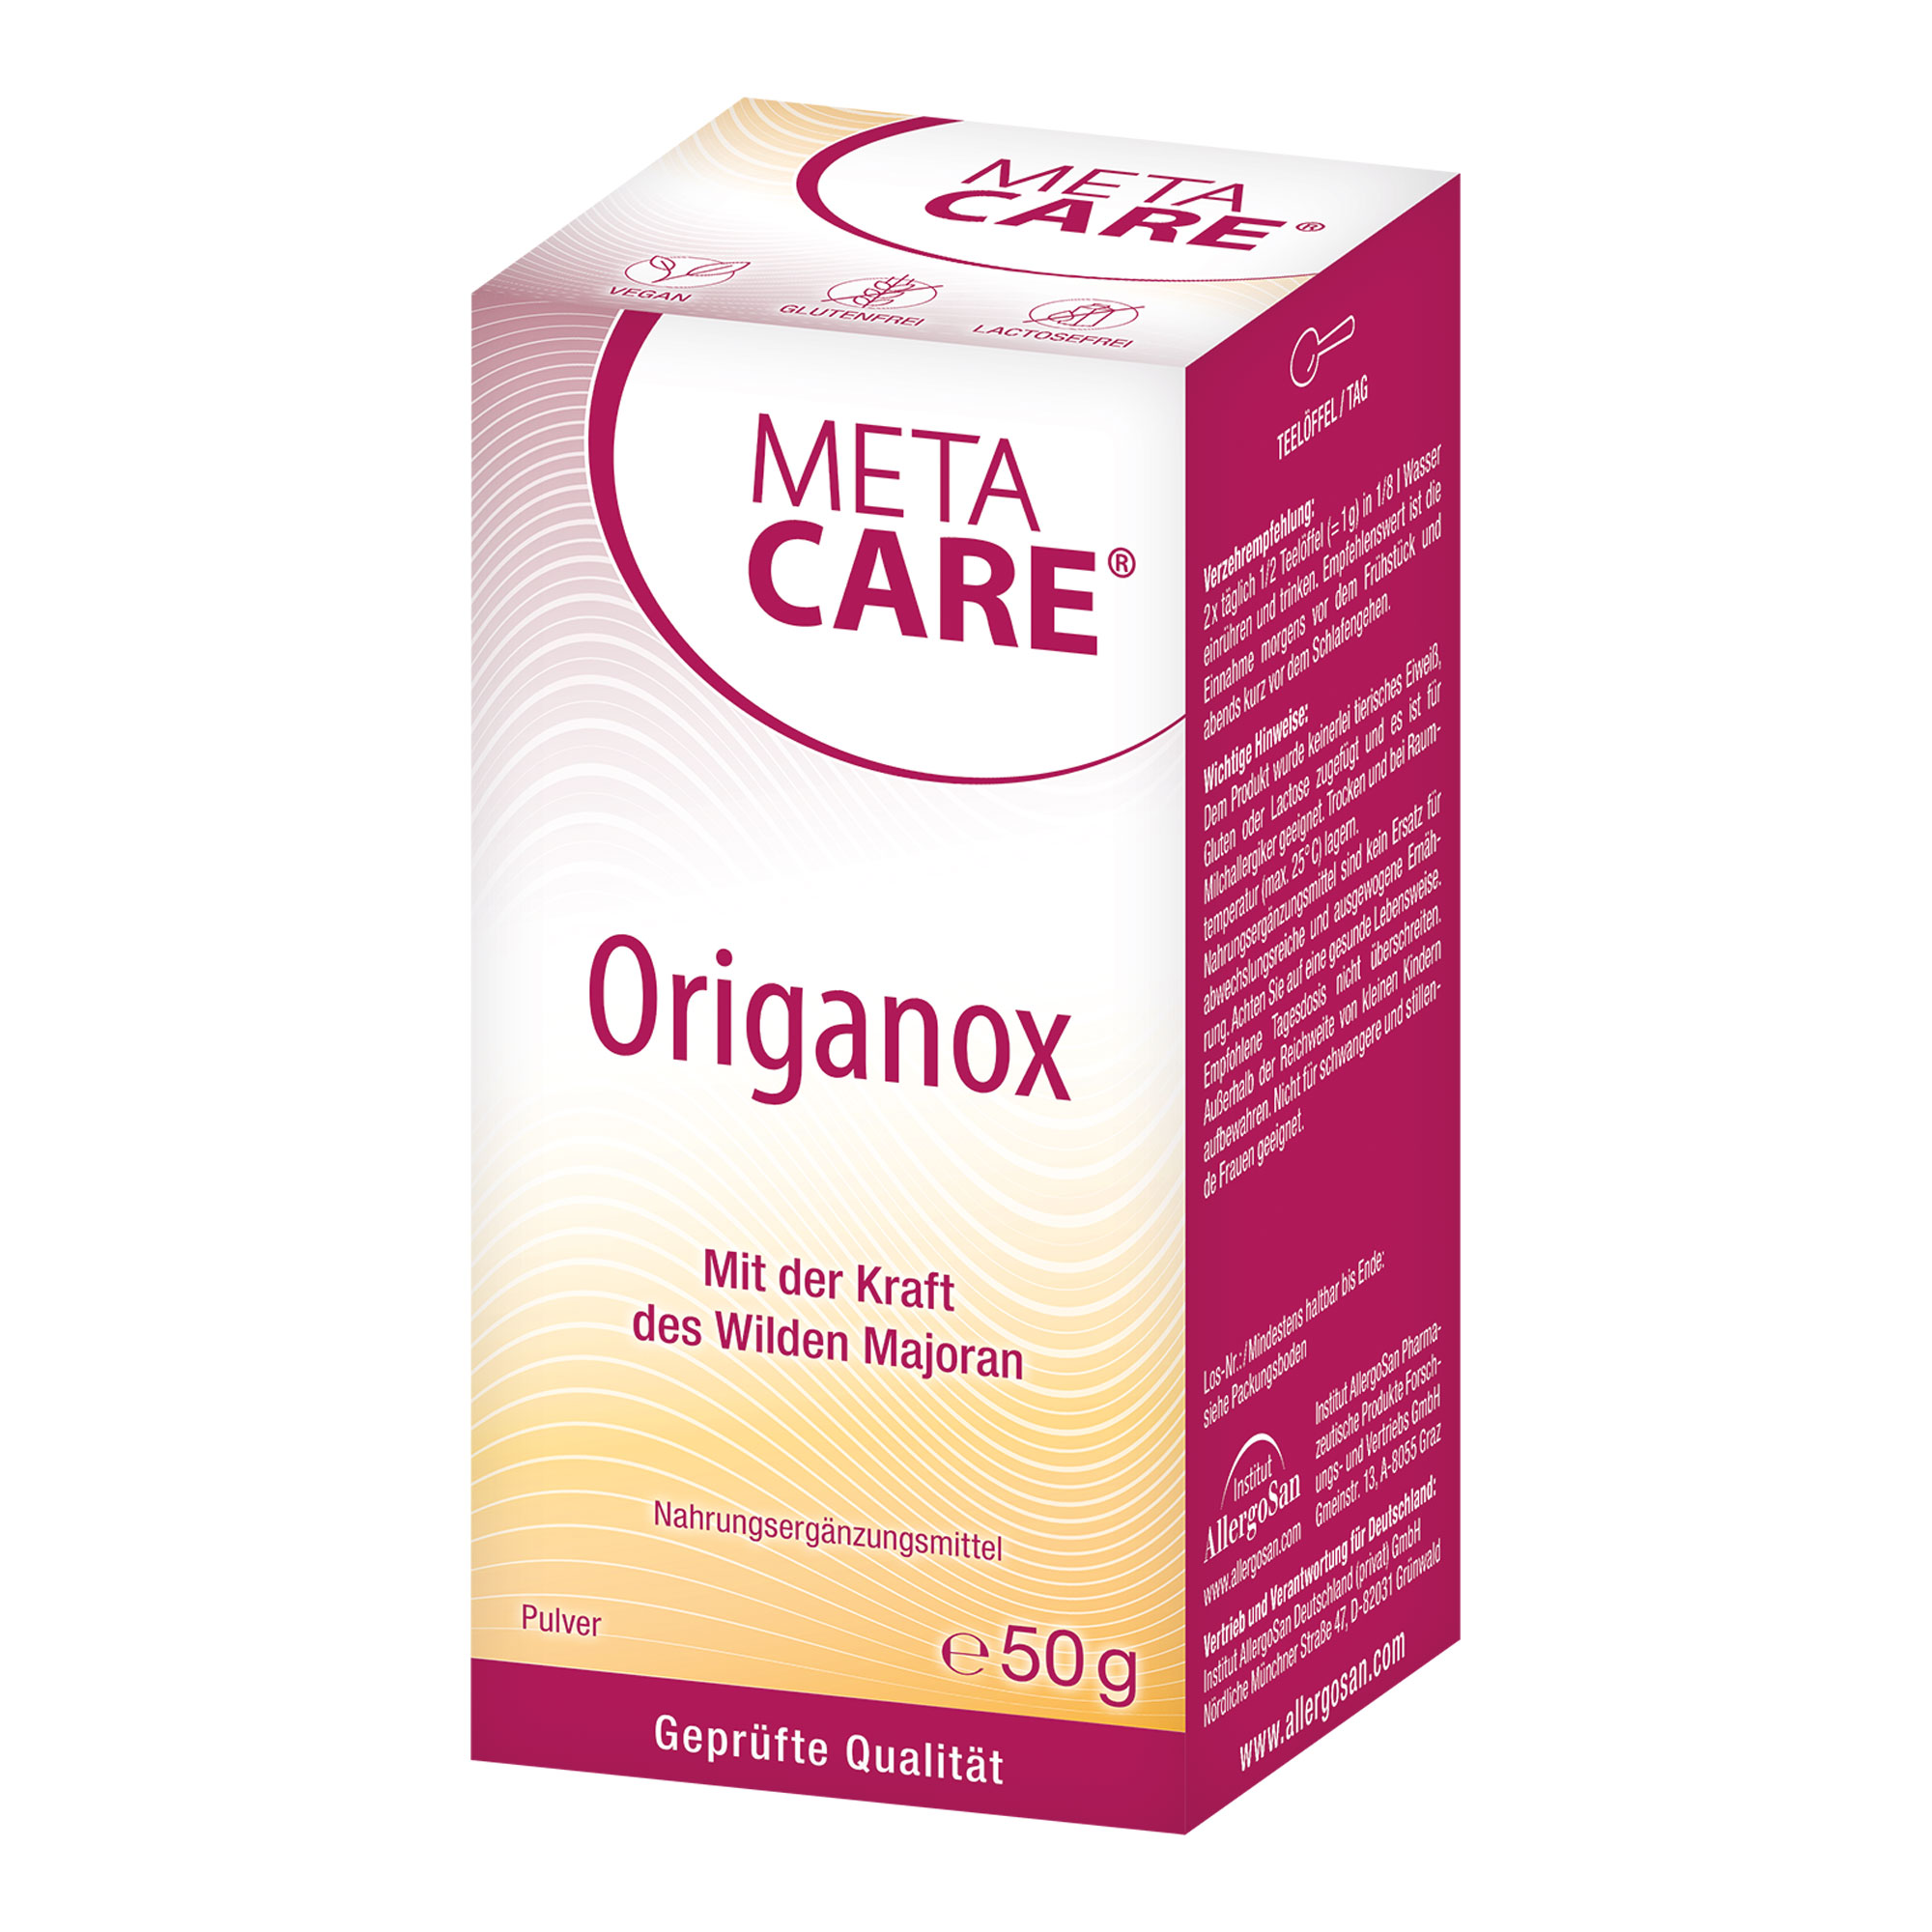 Meta Care Origanox Pulver